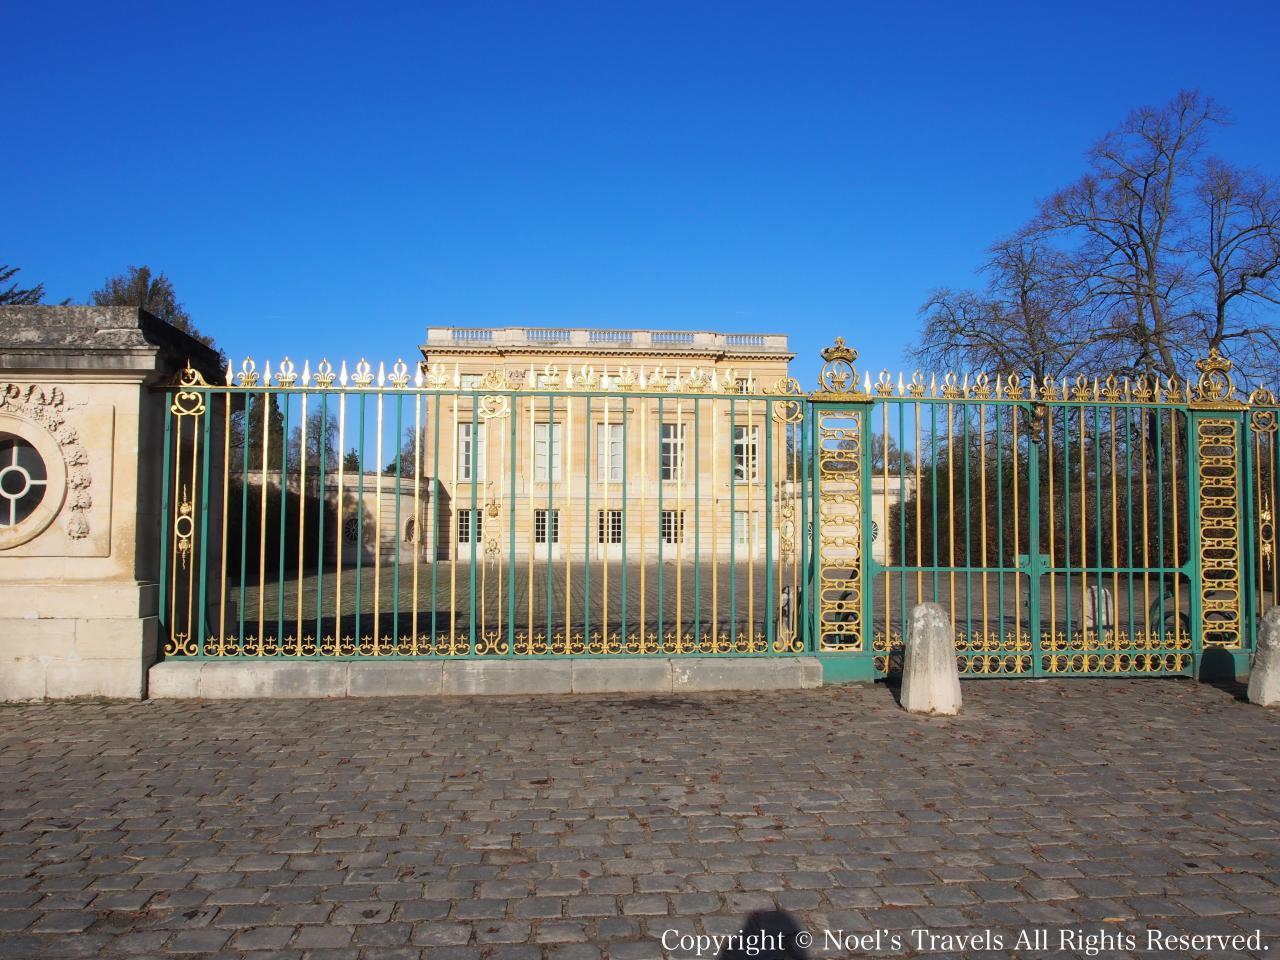 ヴェルサイユ宮殿のプチ・トリアノン